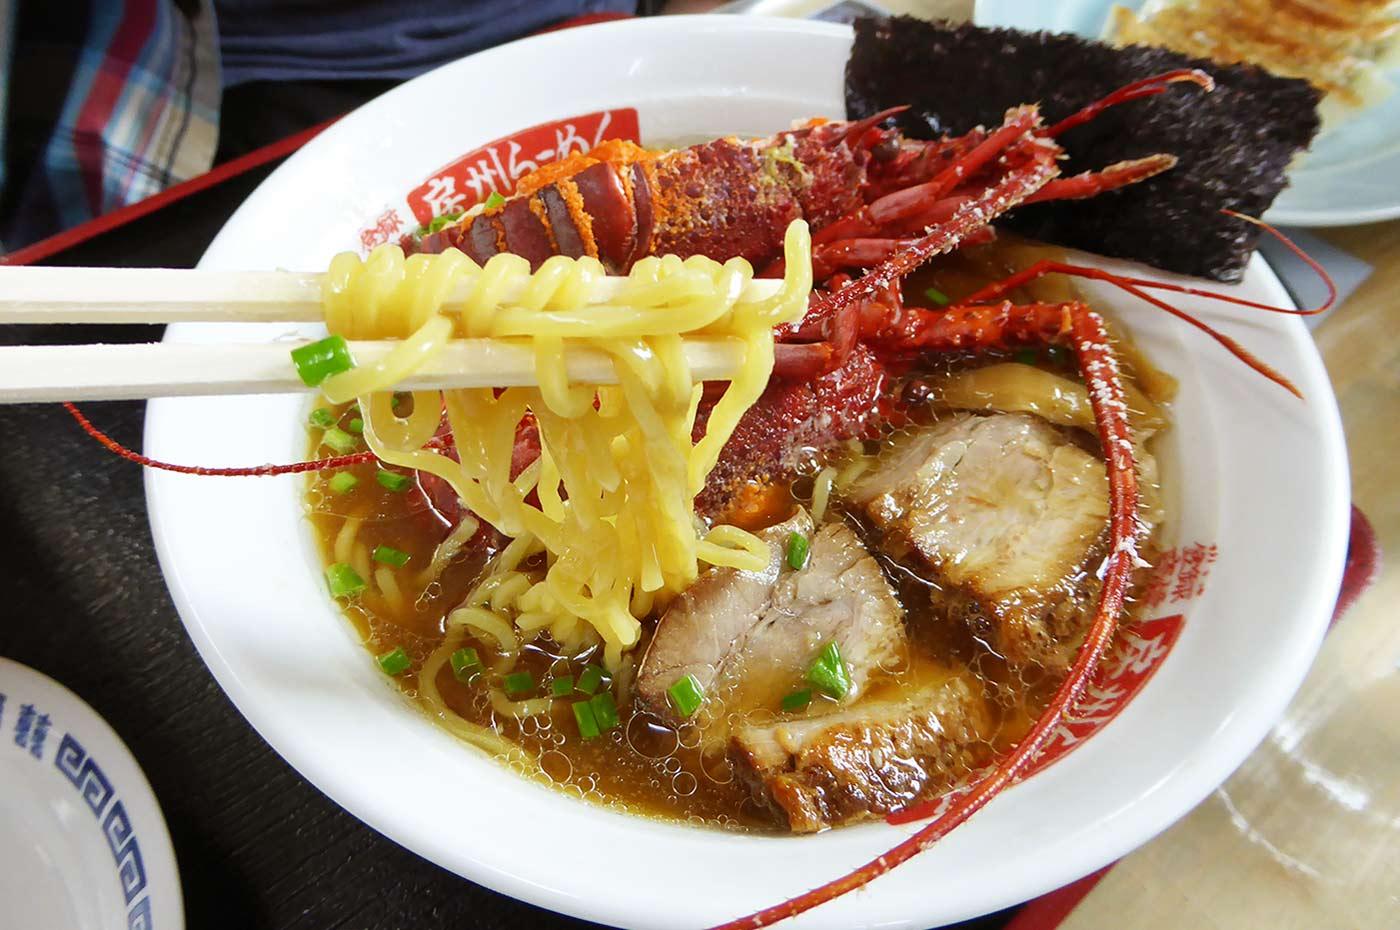 イセエビラーメンの麺のアップ画像